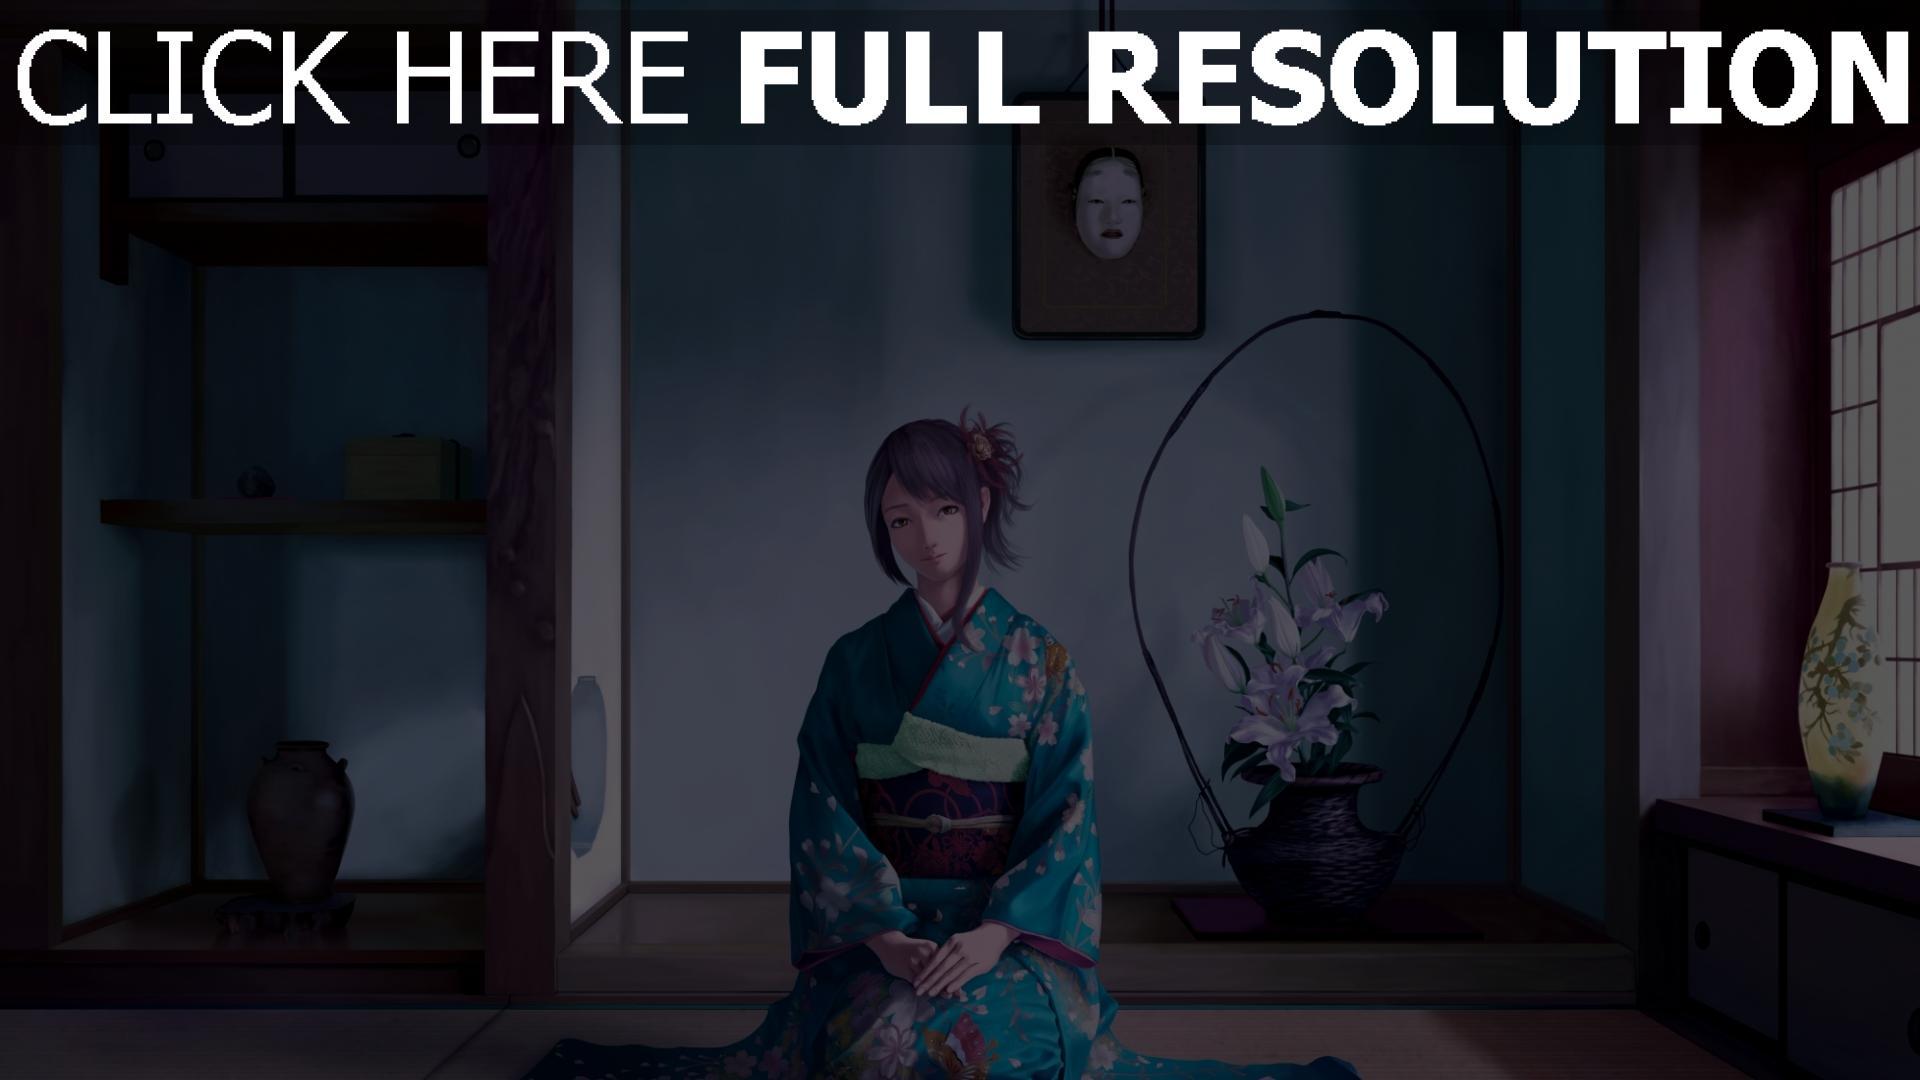 hd hintergrundbilder mädchen sitzend zimmer kimono lächeln 1920x1080